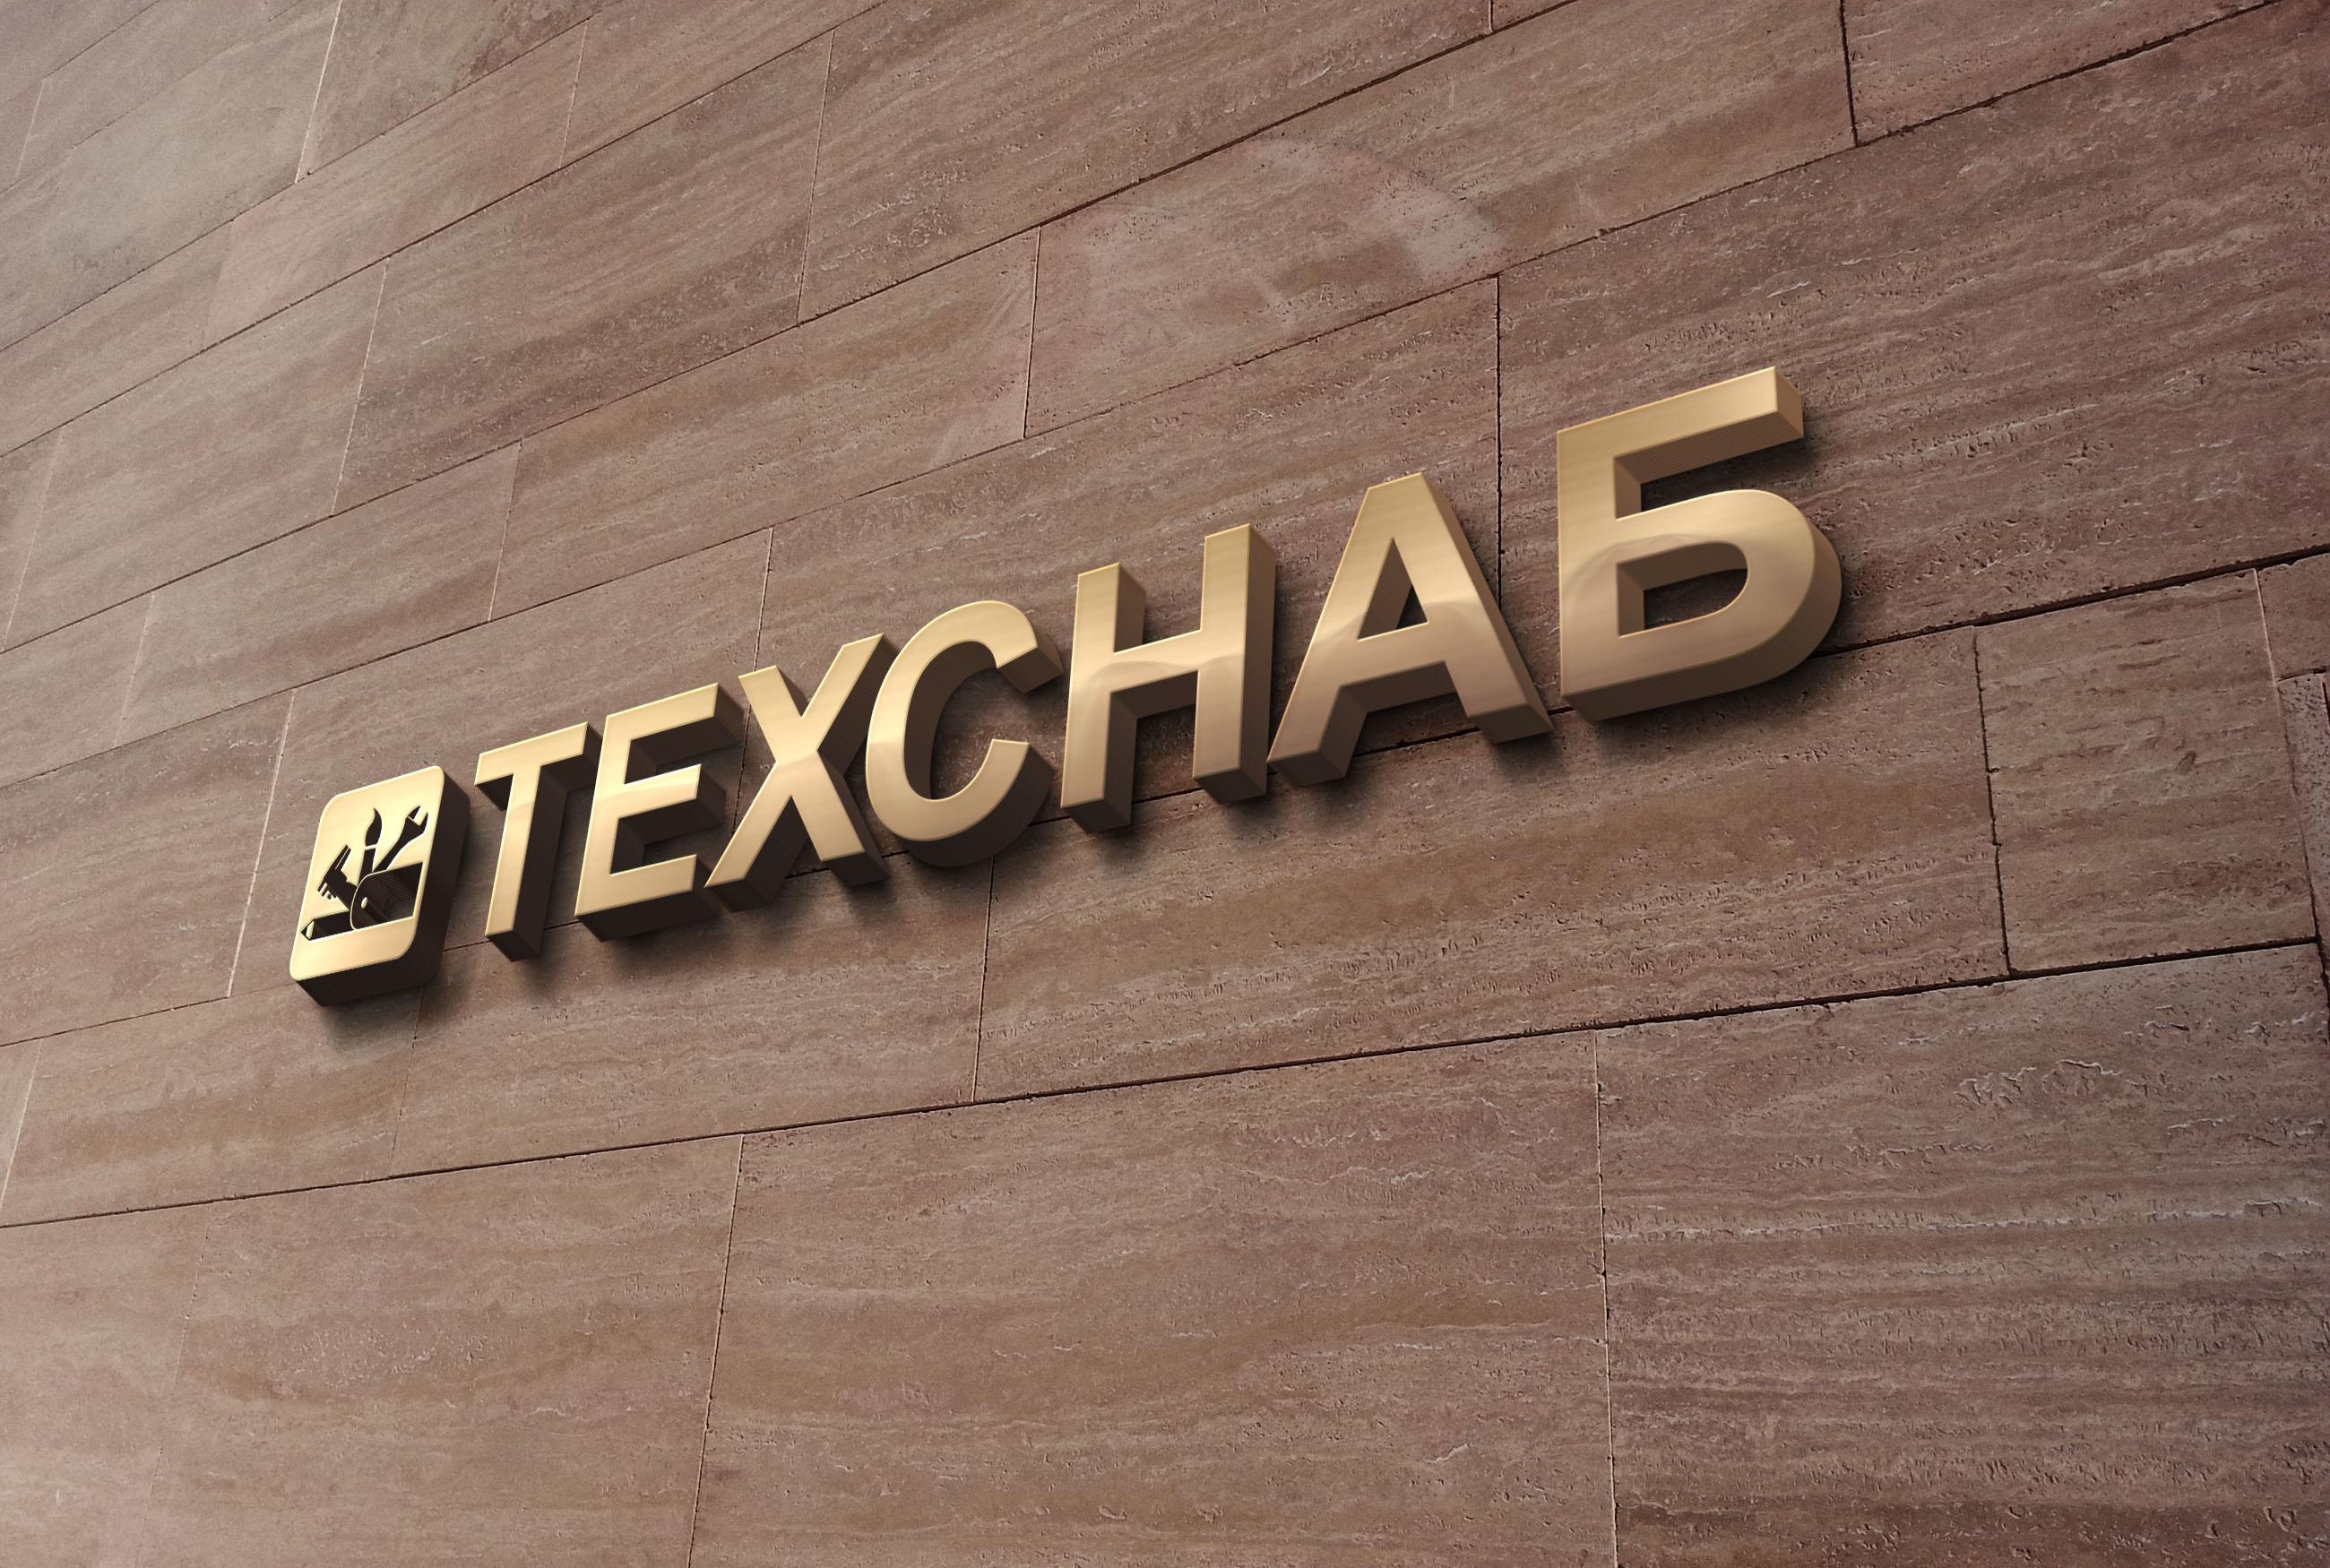 Разработка логотипа и фирм. стиля компании  ТЕХСНАБ фото f_9285b1ead6f490d3.jpg